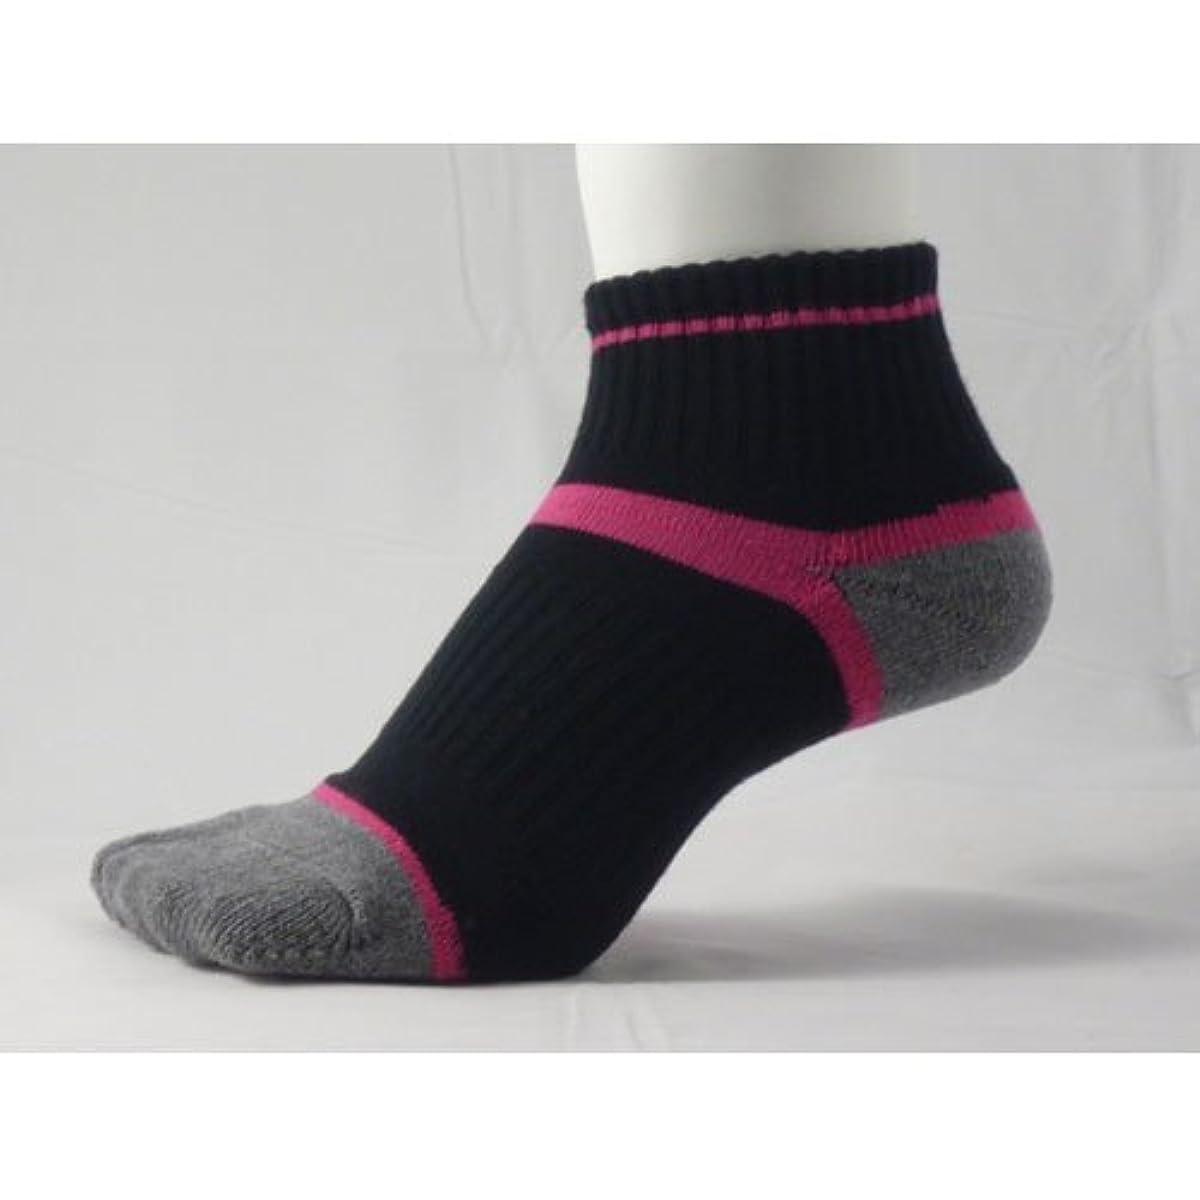 好きドーム揃える草鞋ソックス S(22-24cm)ピンク 【わらじソックス】【炭の靴下】【足袋型】